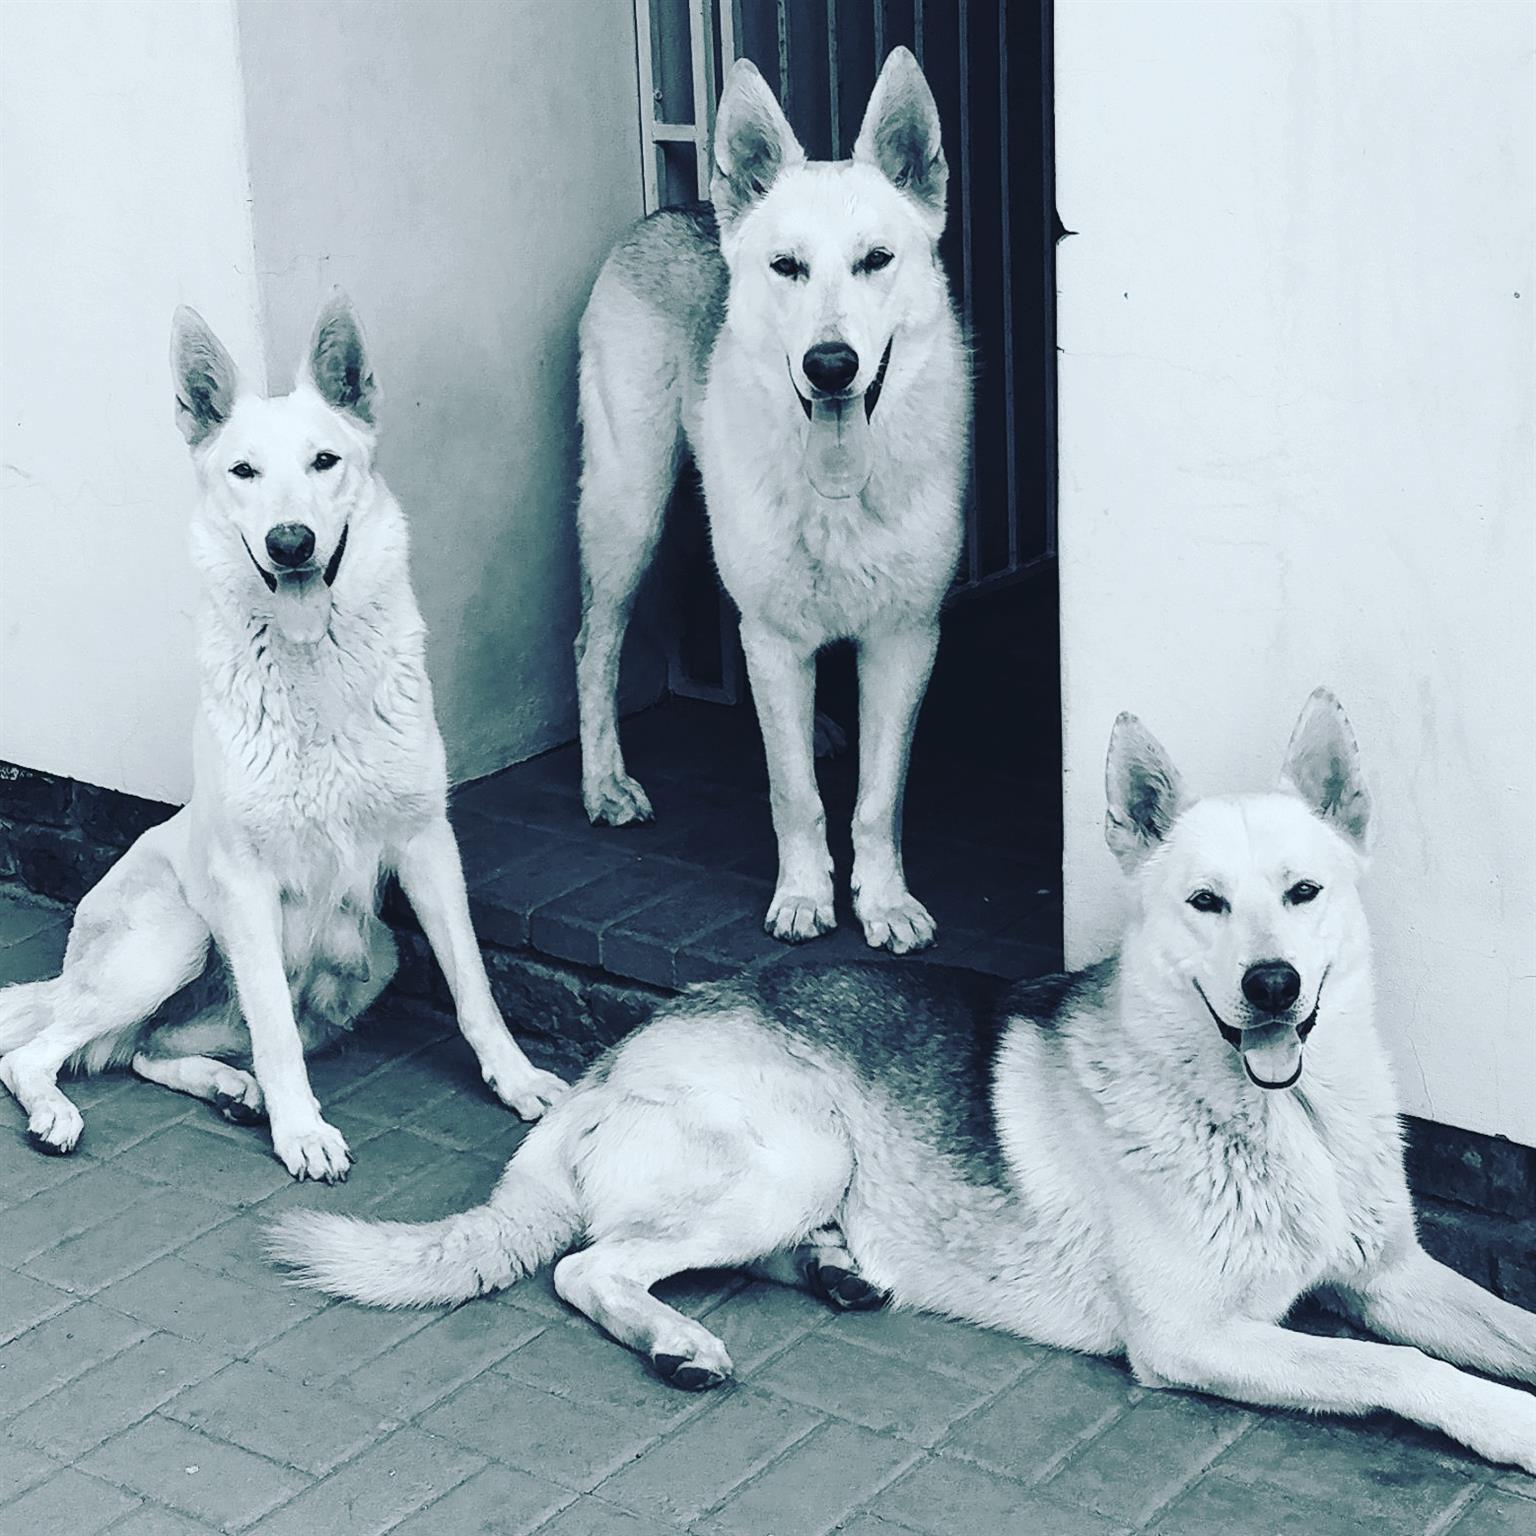 Alaska Shepherd puppies for Sale